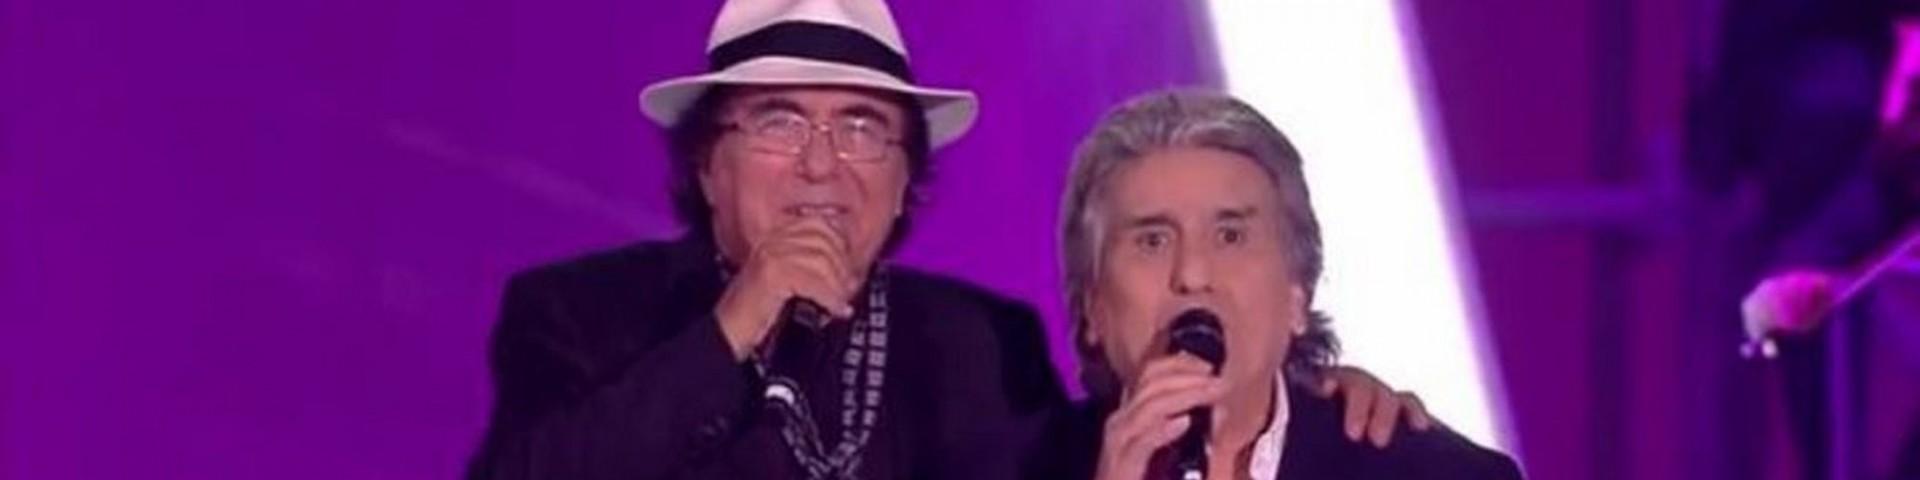 """Toto Cutugno nella black list ucraina: """"Sarebbe carino fare qualcosa con Al Bano"""""""